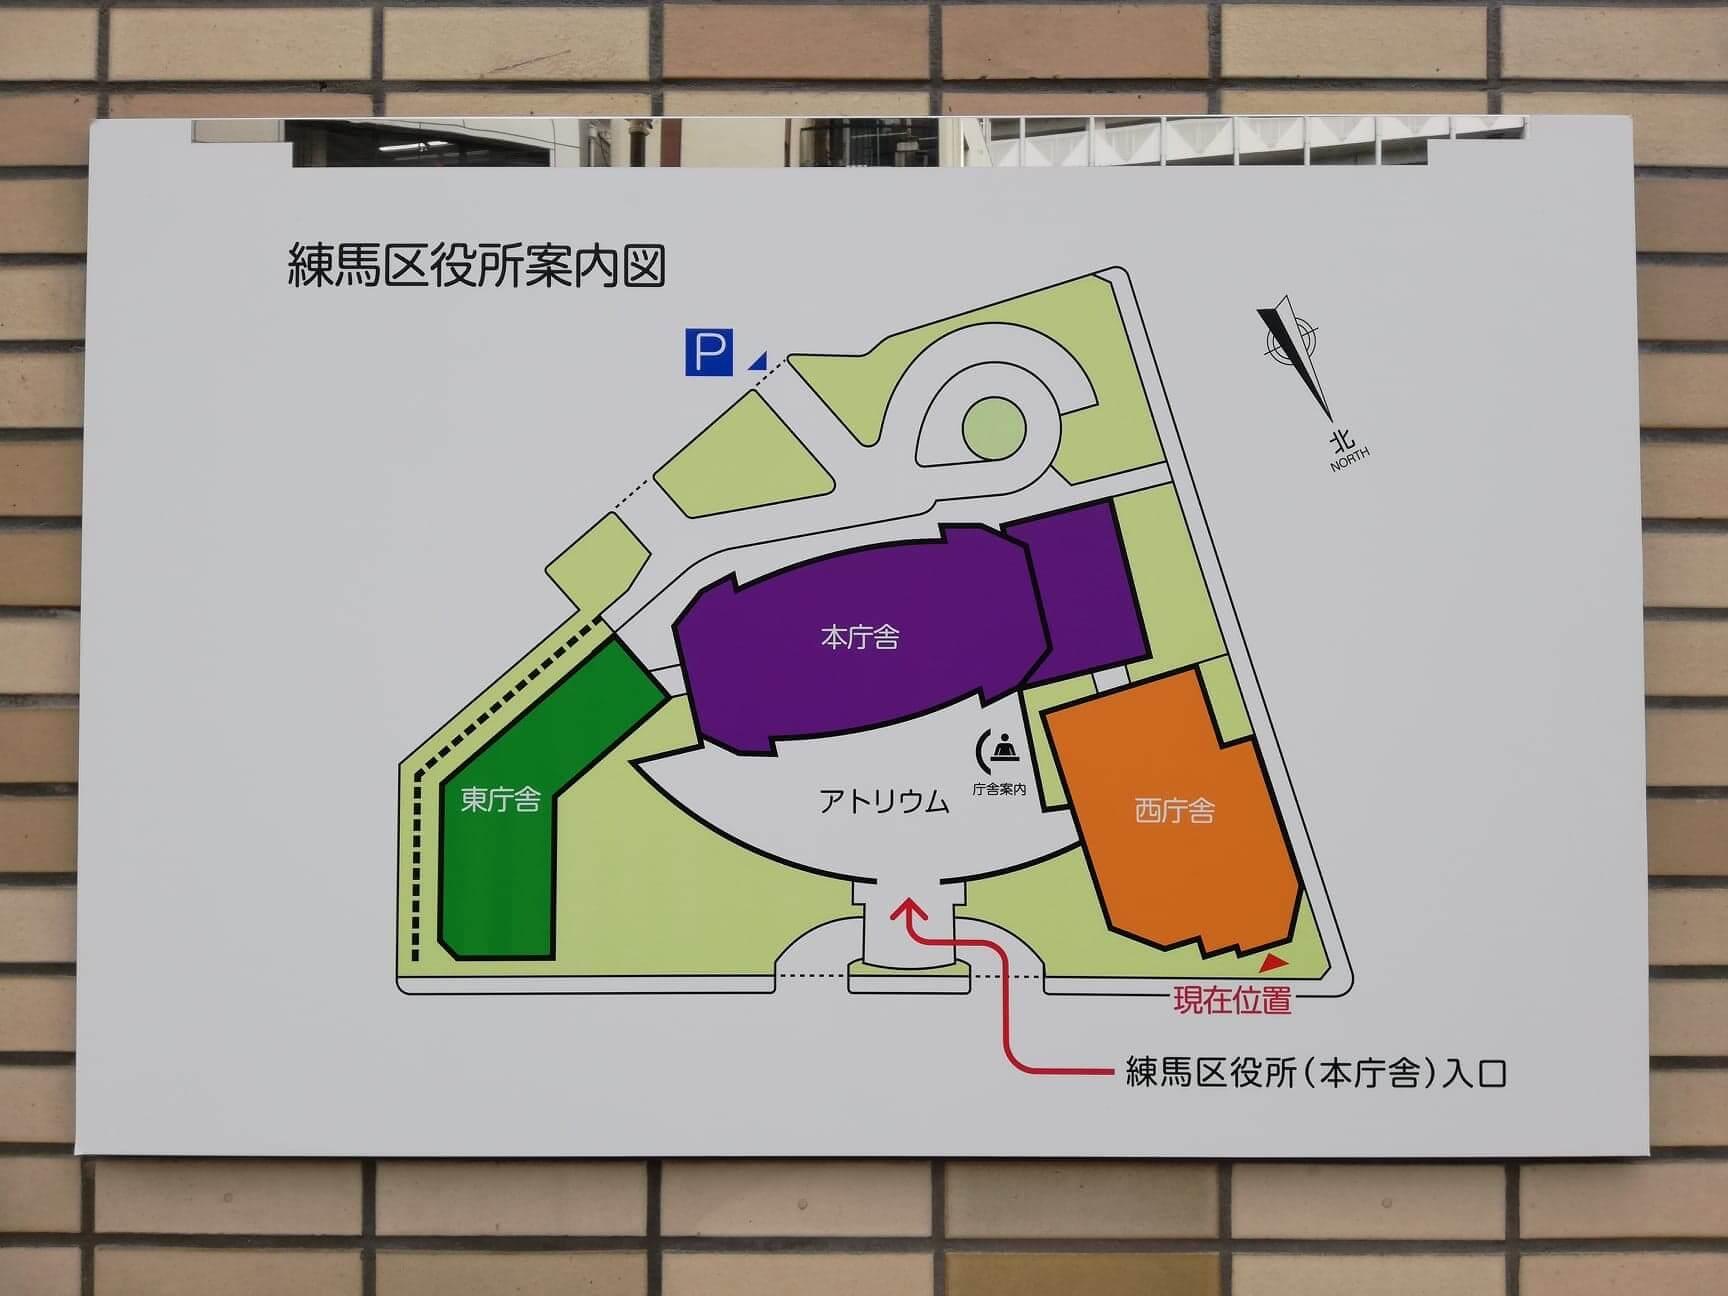 練馬区役所の庁舎案内写真